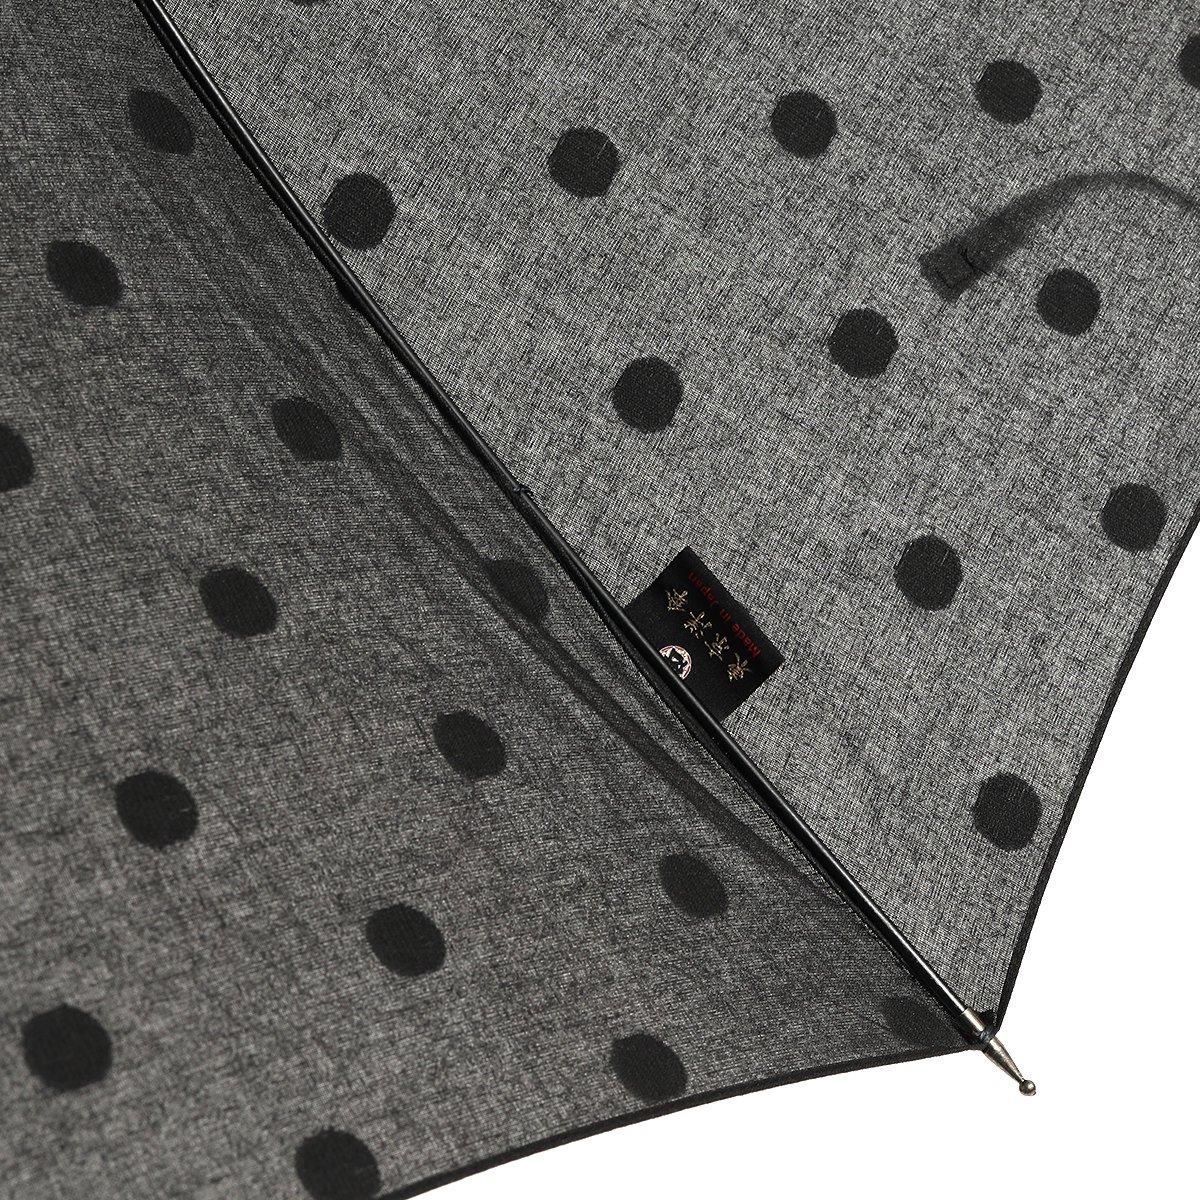 【晴雨兼用傘】スライドシャフト ブラック×ブラック ドット 日傘 詳細画像5